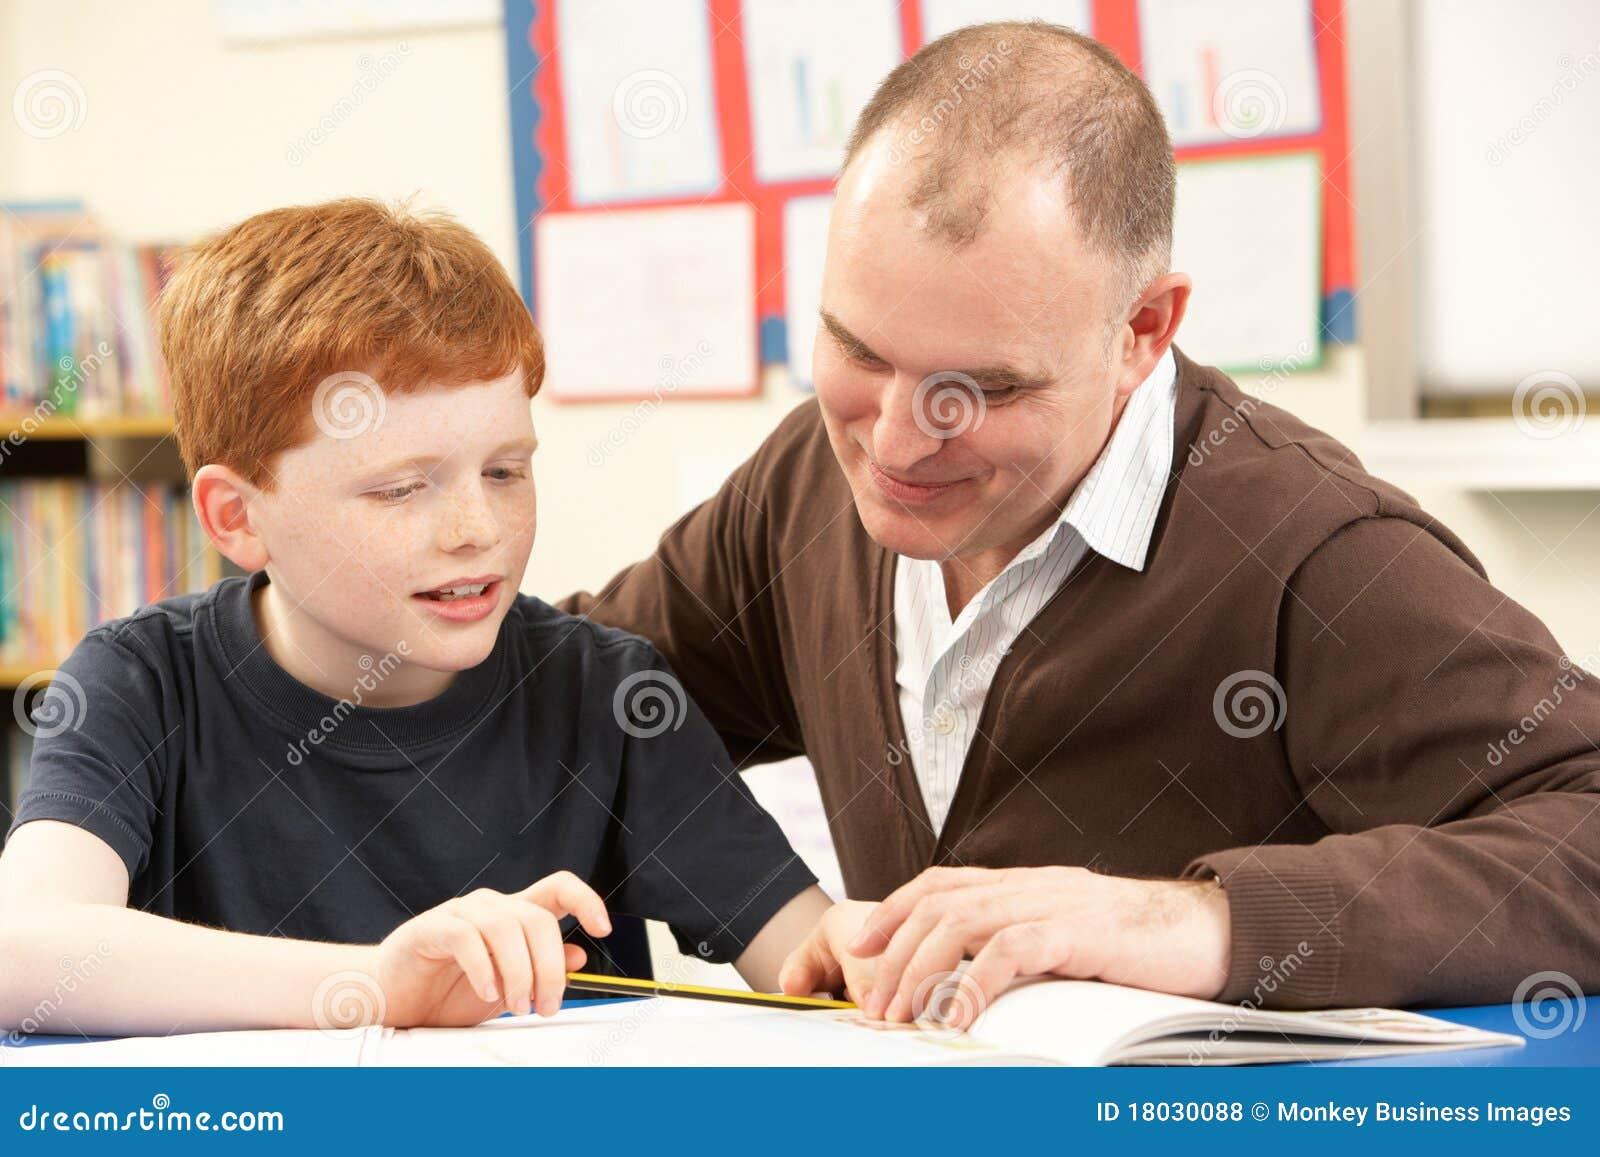 С учителем перед учениками 2 фотография